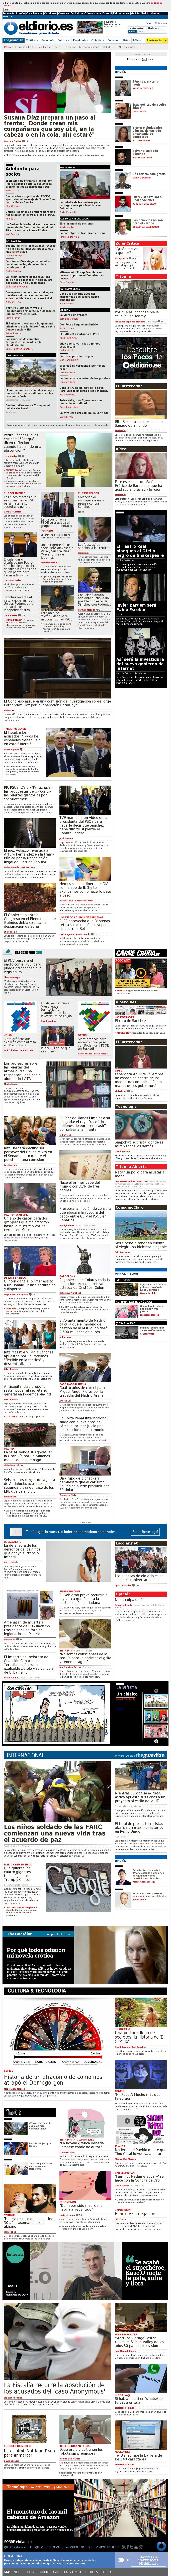 El Diario at Tuesday Sept. 27, 2016, 9:03 p.m. UTC